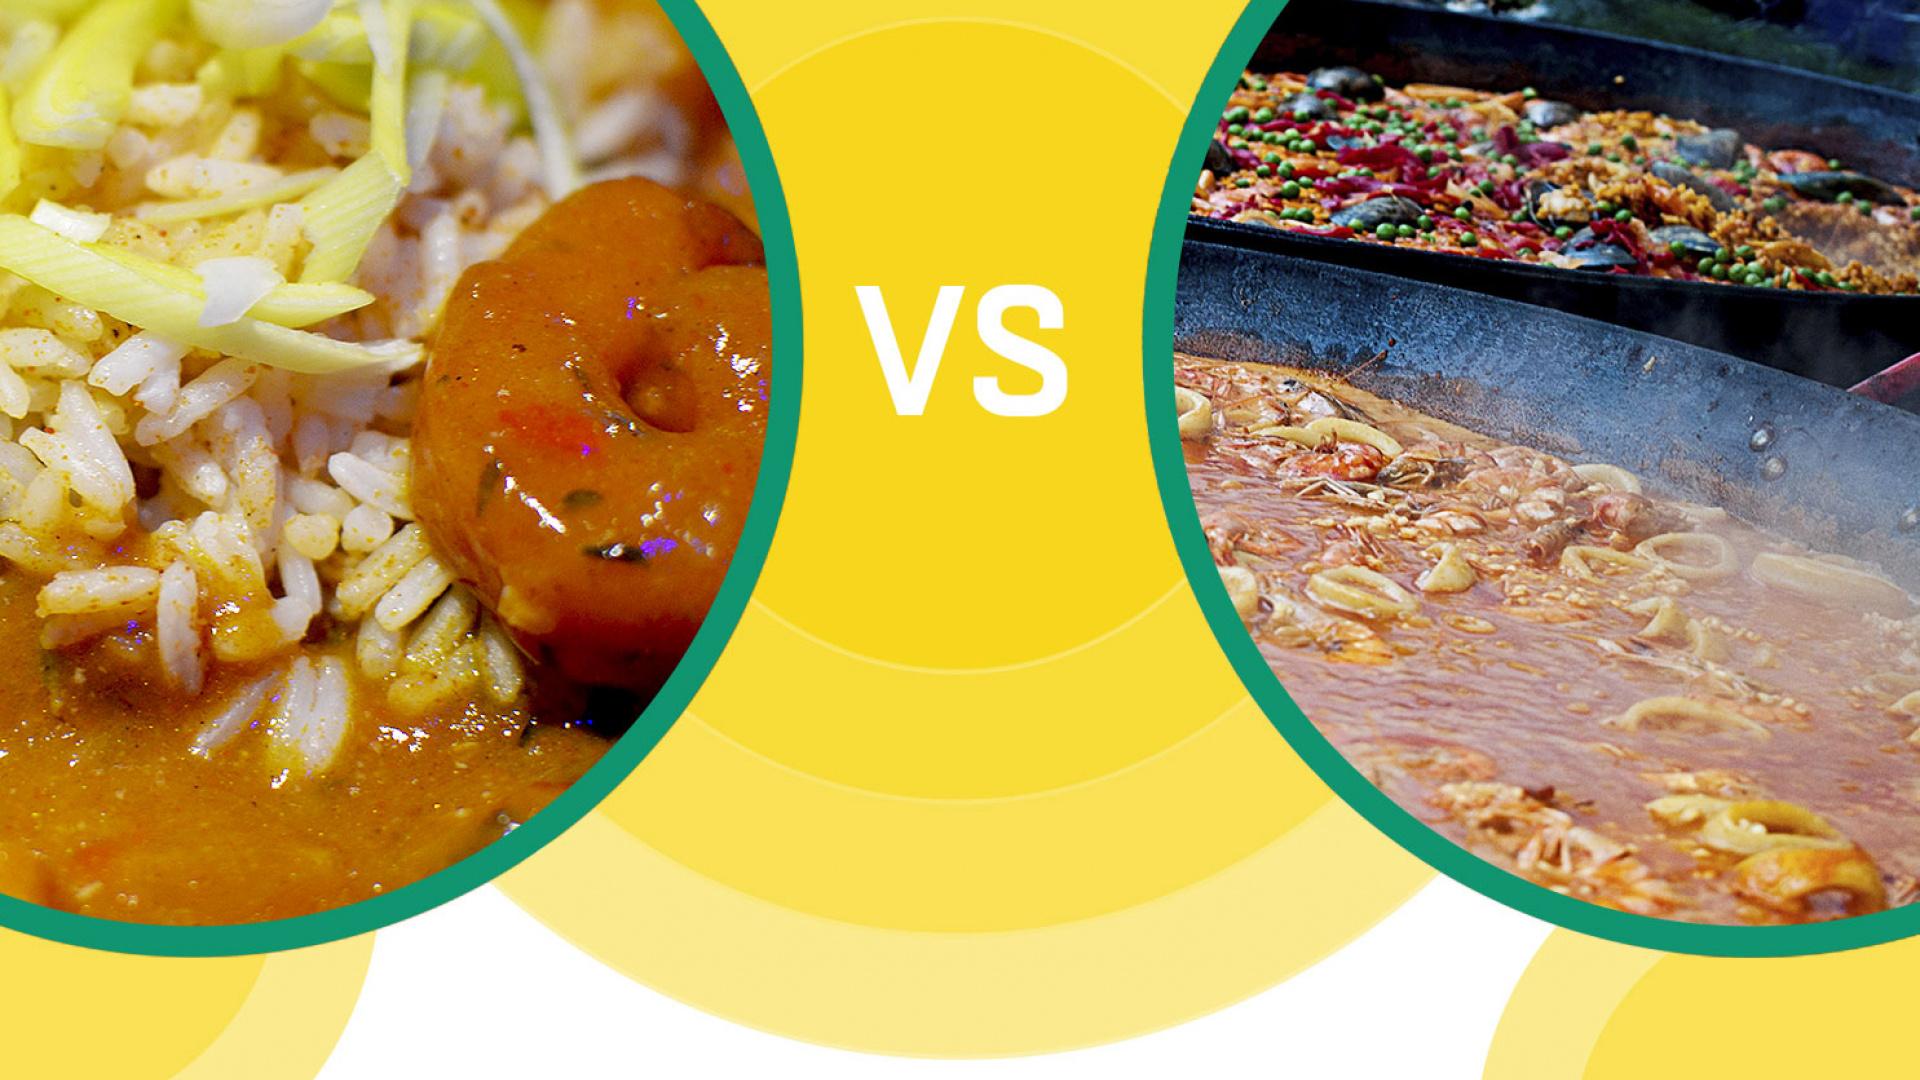 Street Food Fight: PaellavsGumbo